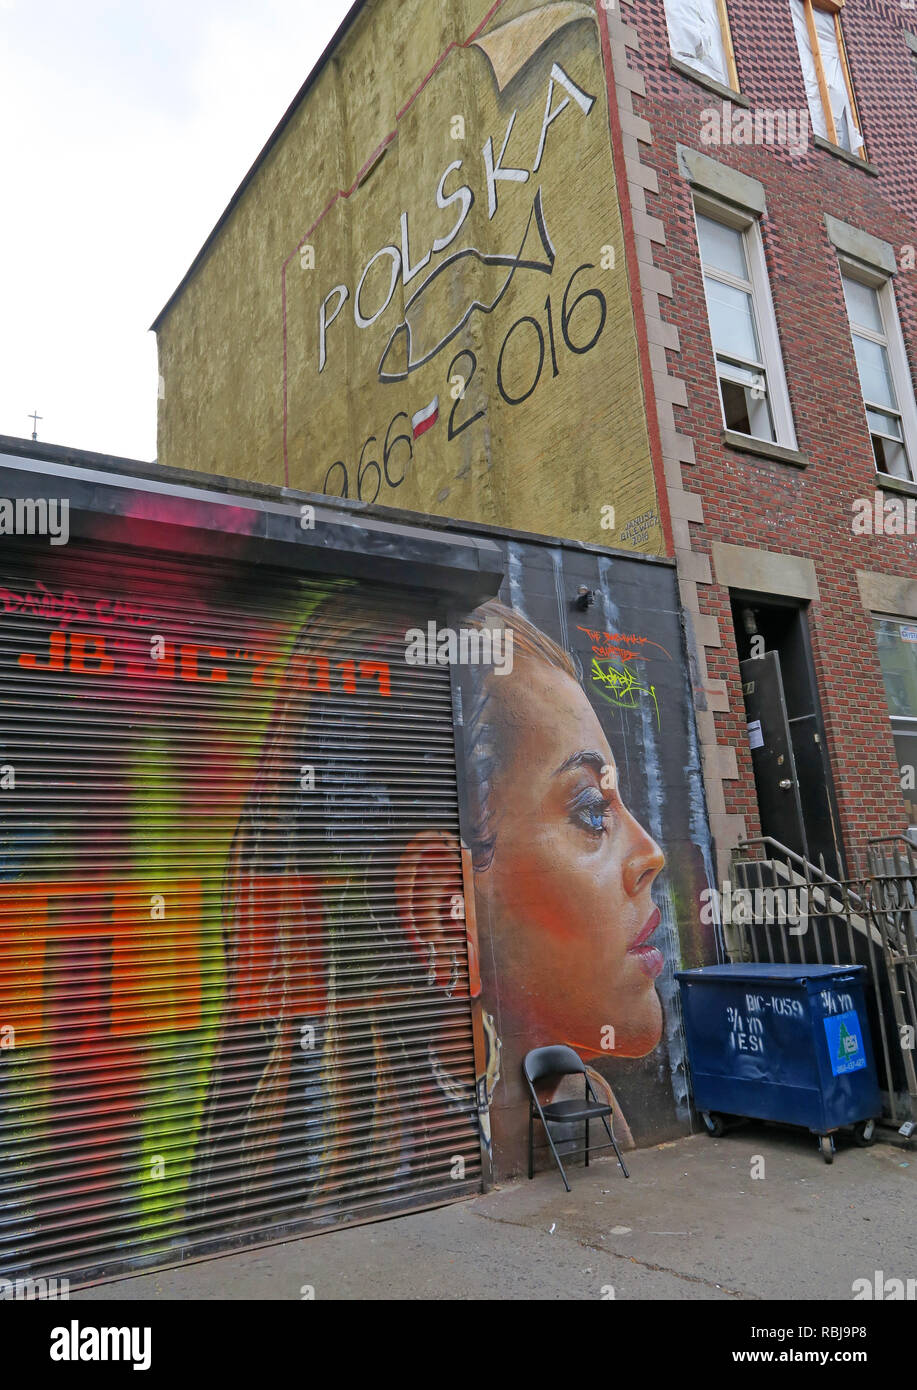 @HotpixUK,HotpixUK,GoTonySmith,NY,NYC,New York,New York City,City,Centre,City Centre,street,USA,United states of America,United States,East Village,St Marks Place,Saint Marks Place,art,Manhattan,Art